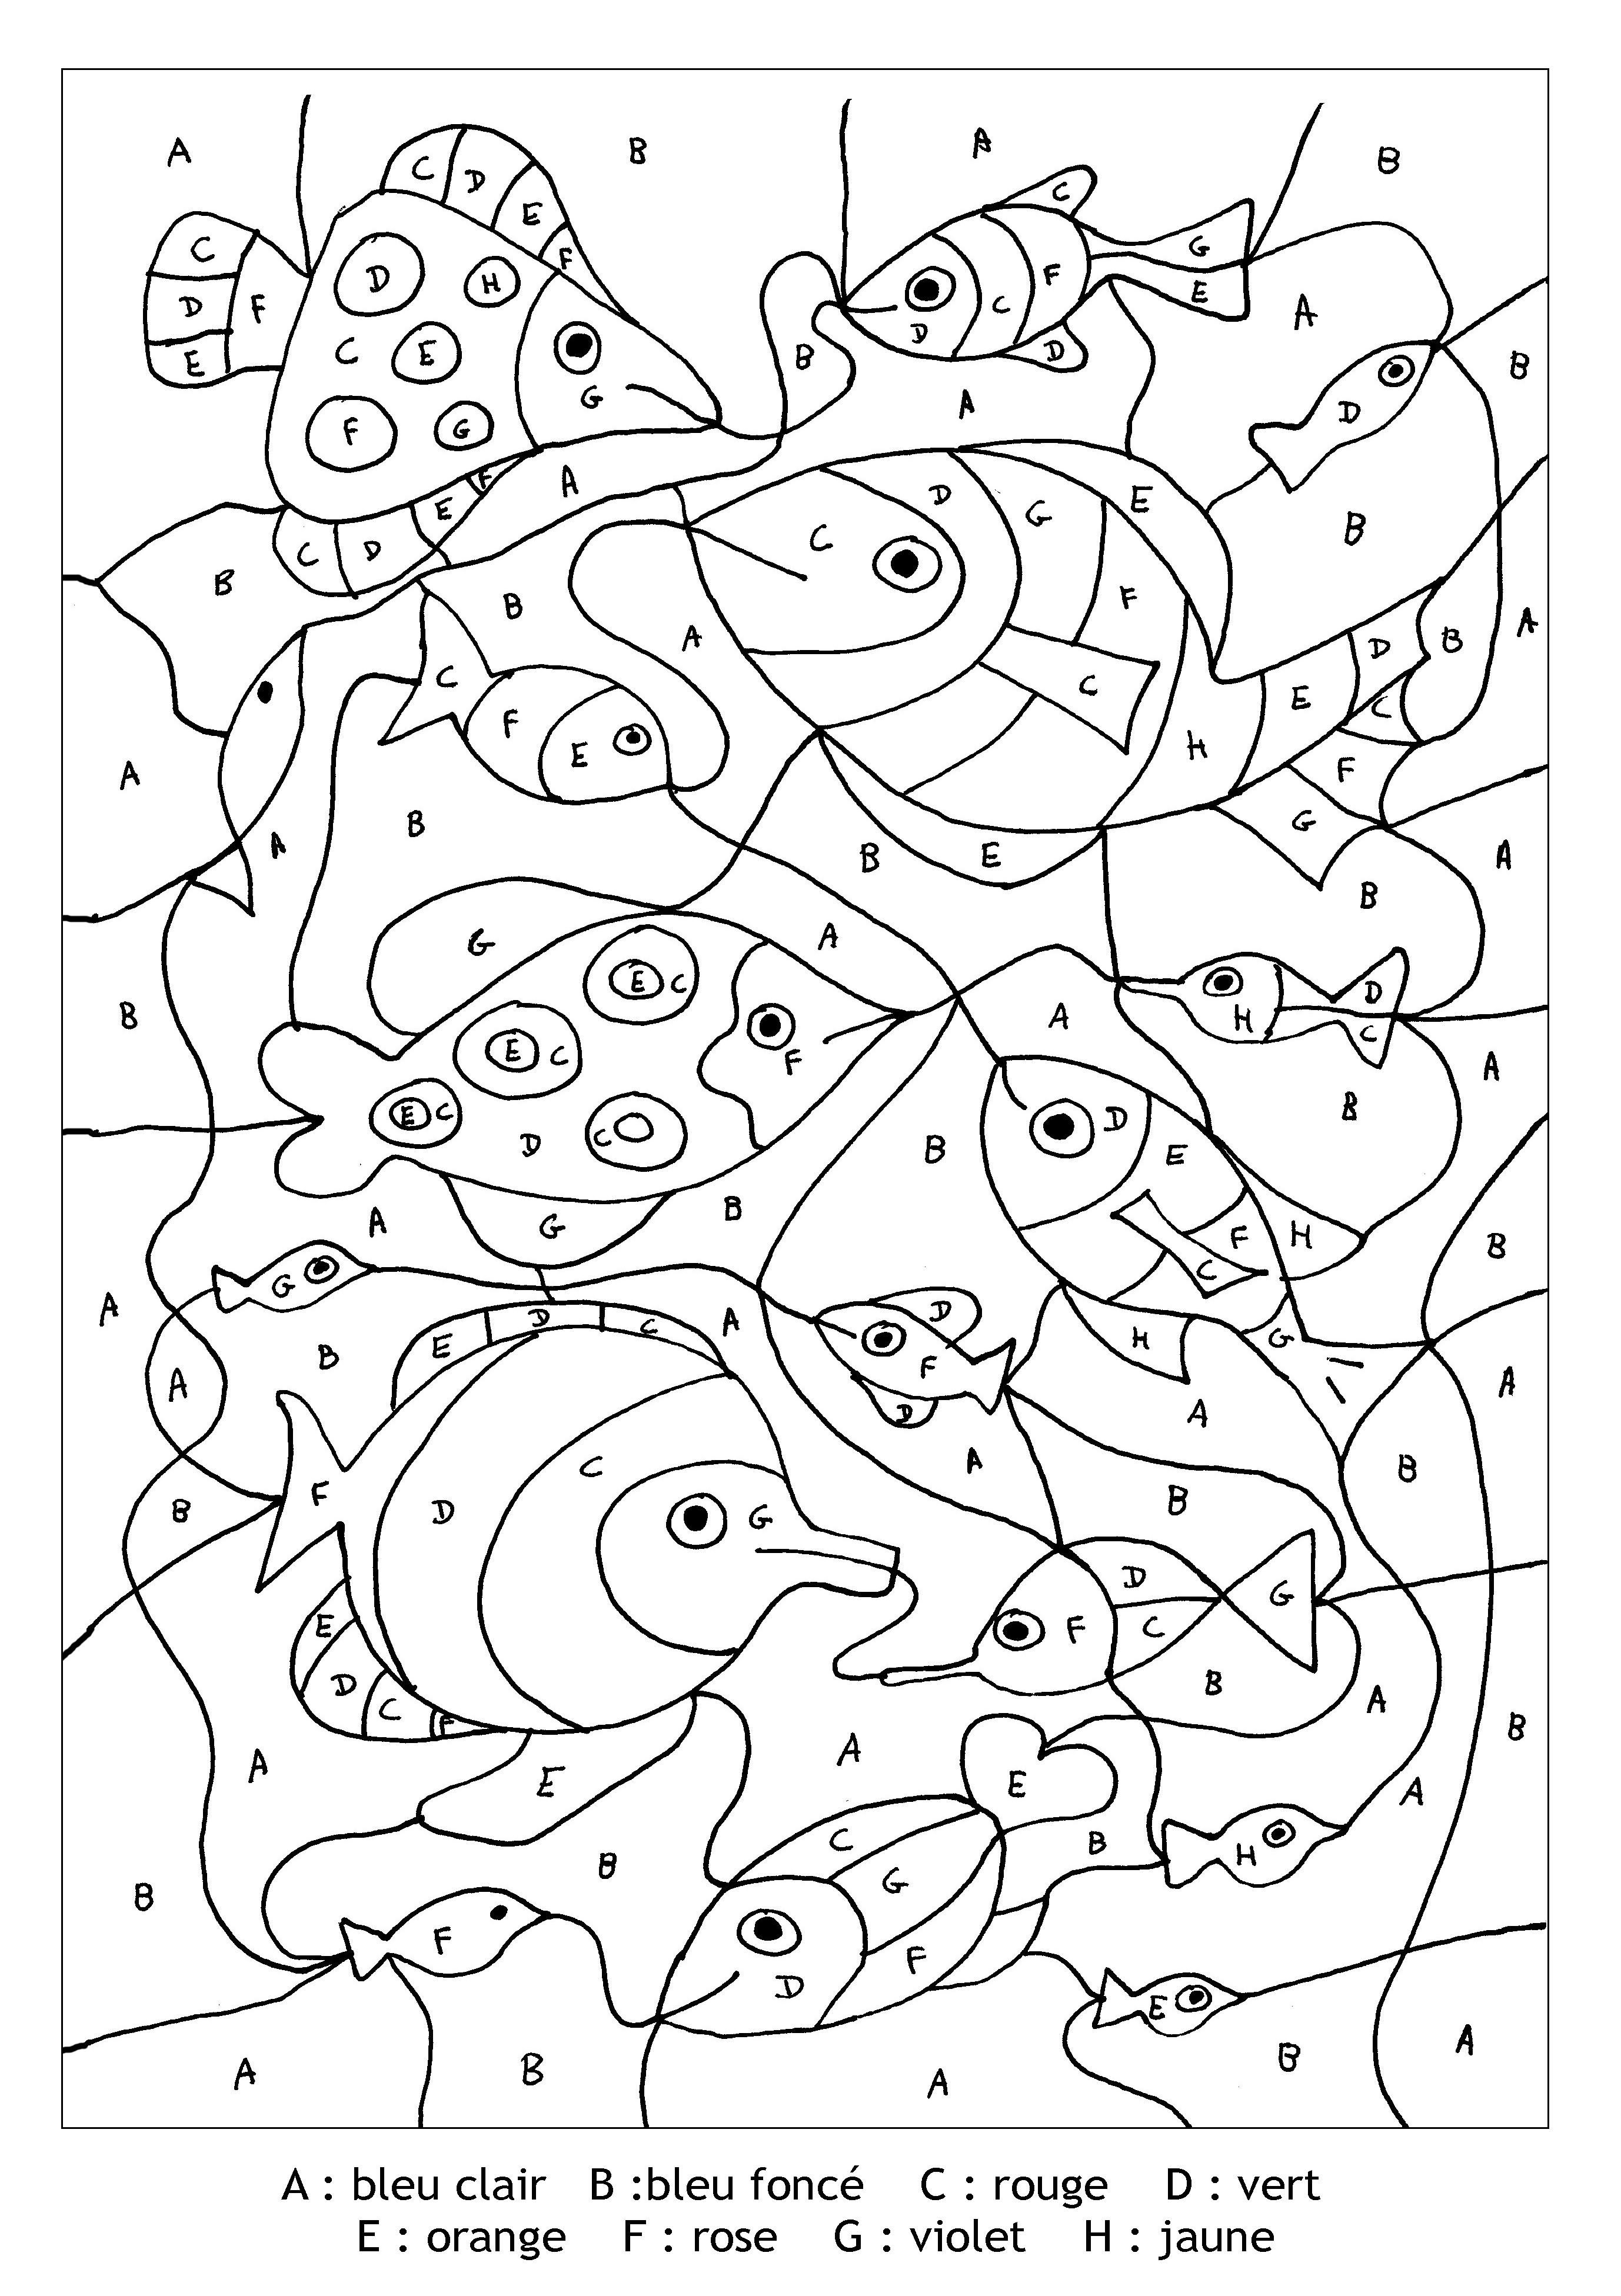 Pour Imprimer Ce Coloriage Gratuit «Coloriage-Magique-Lettres-Poissons», Cliquez Sur L'Icône pour Coloriage Adulte À Imprimer Avec Code Couleur